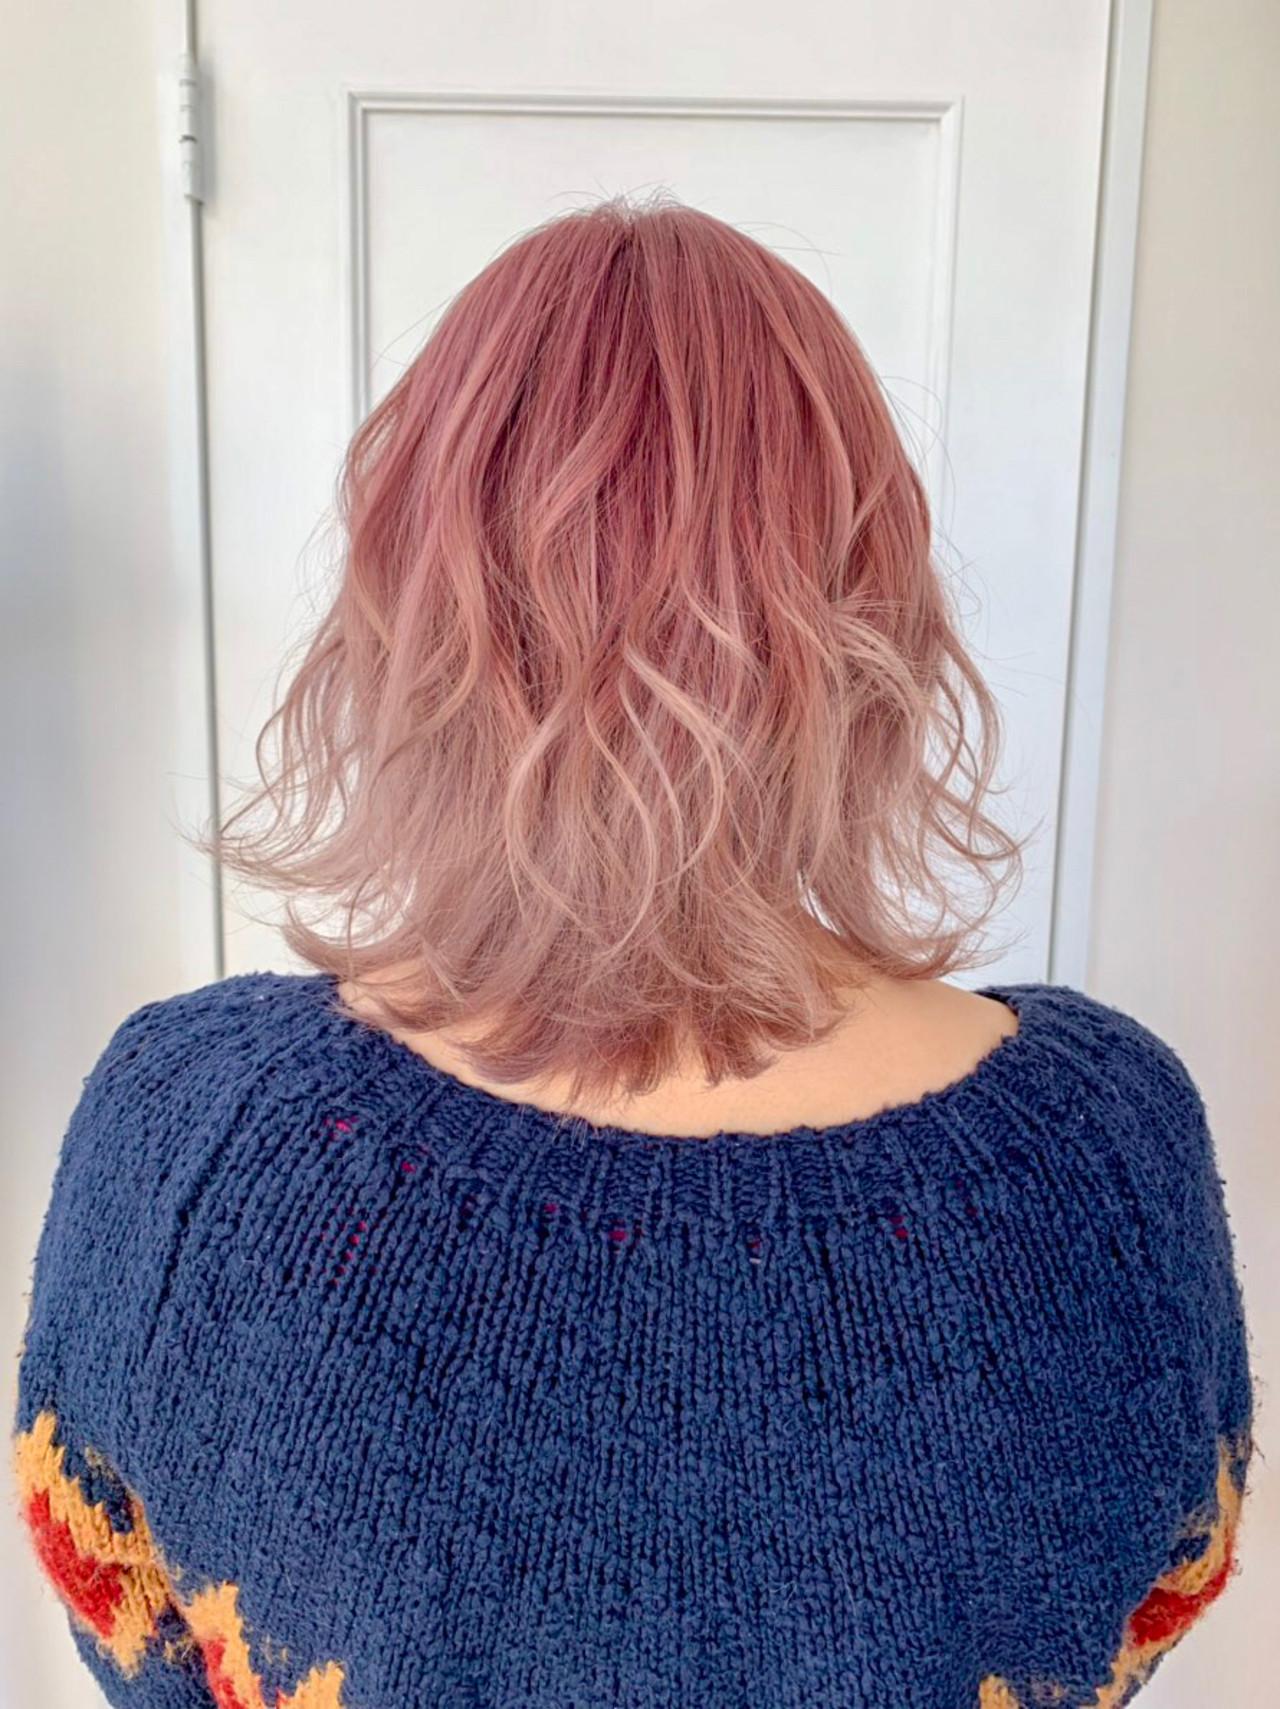 ミディアム ピンク ミディアムレイヤー ベリーピンク ヘアスタイルや髪型の写真・画像 | 鈴木 諒介 / Palm Springs